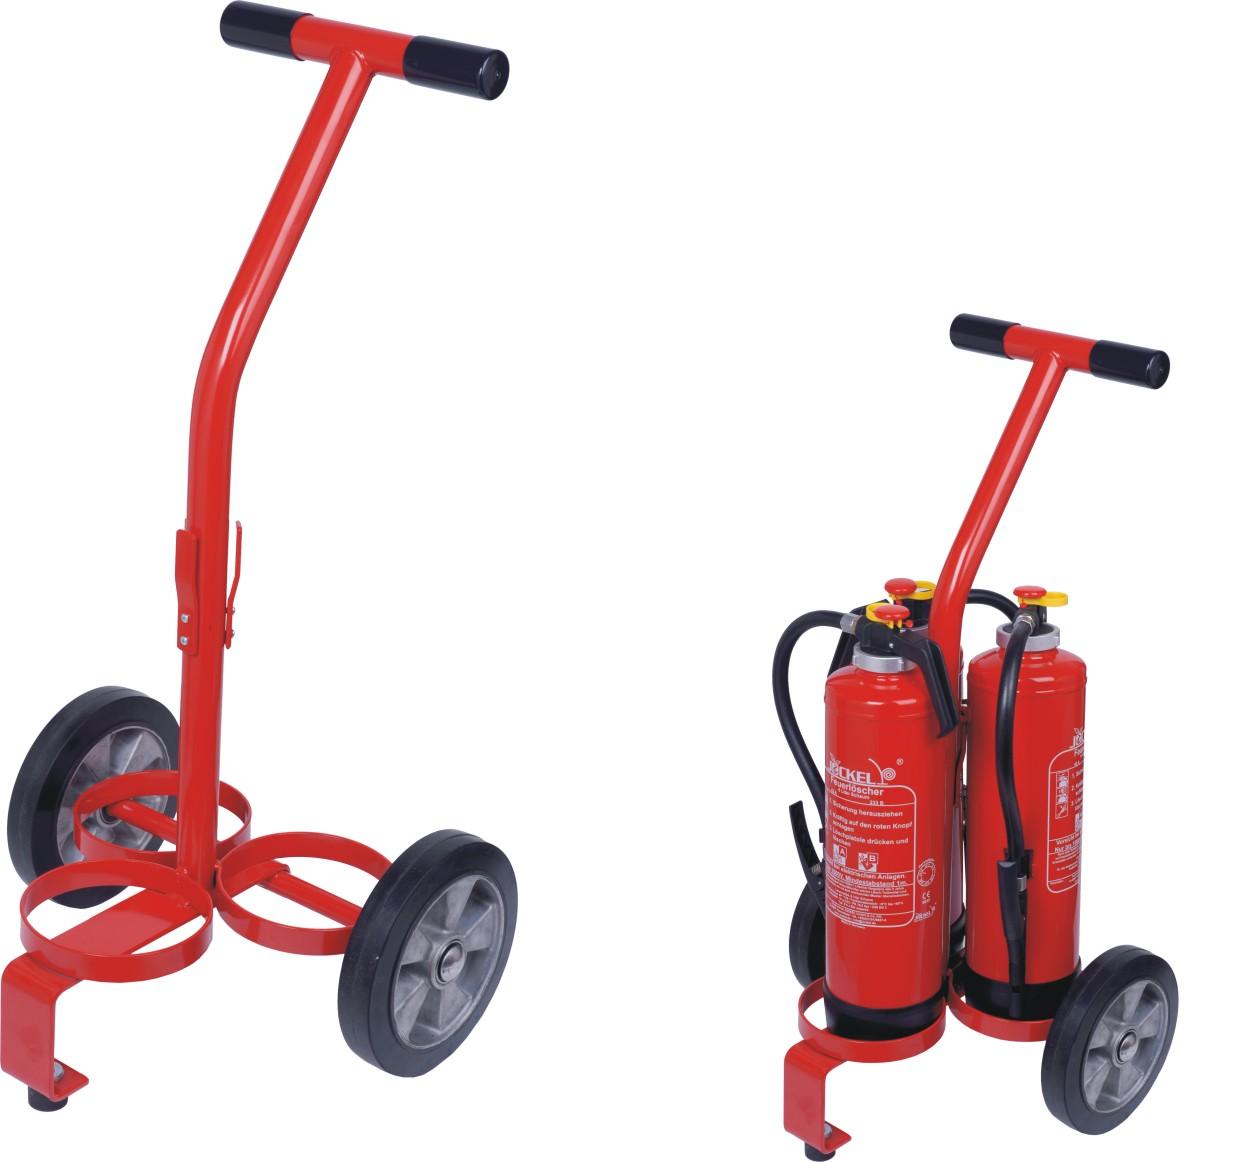 Transportwagen für 3 Löscher 9 l/kg